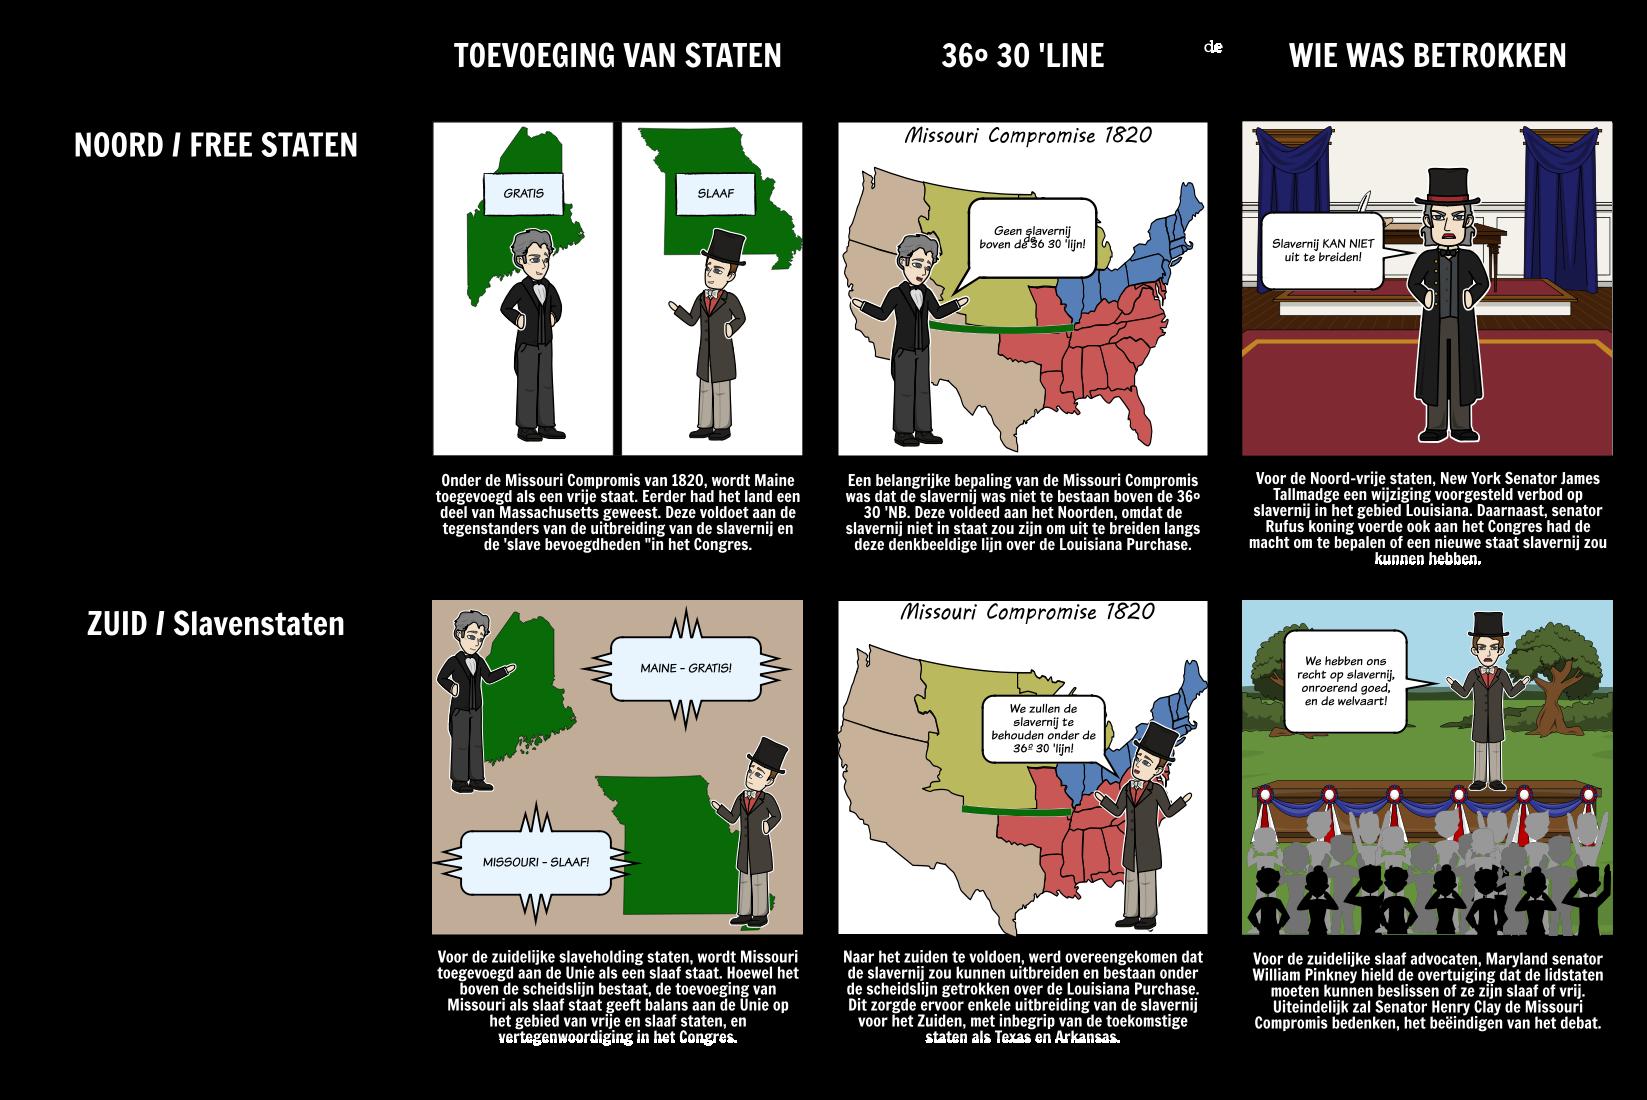 De Missouri Compromis van 1820 - wie wat kreeg